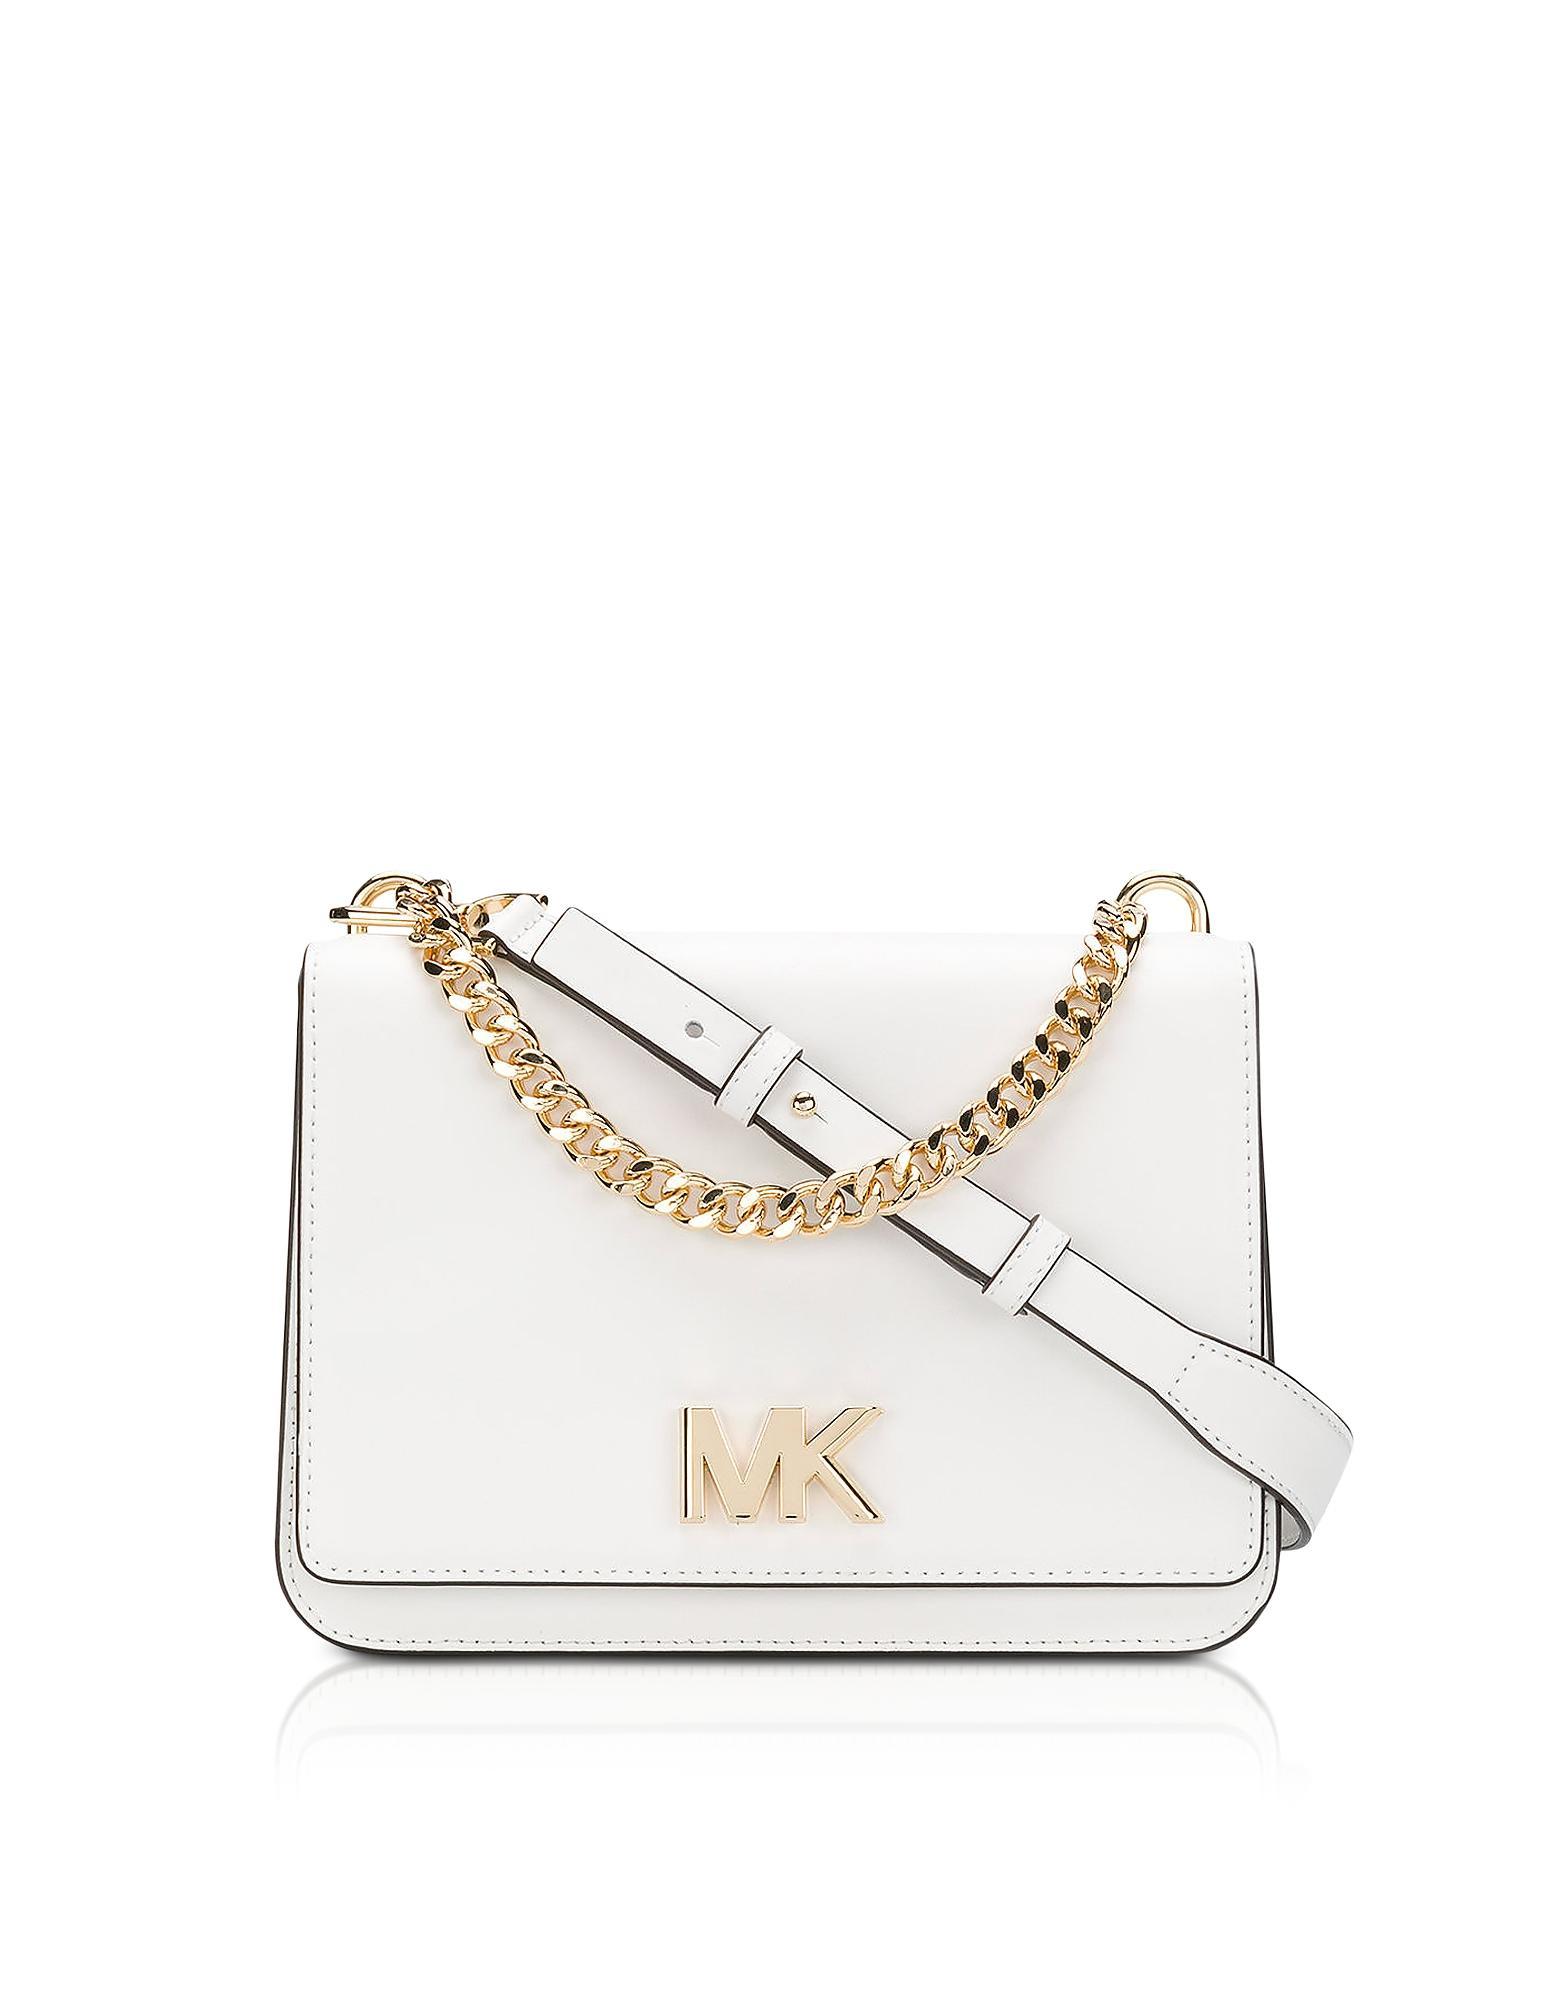 Michael Kors Mott Leather Crossbody Bag In Optic White